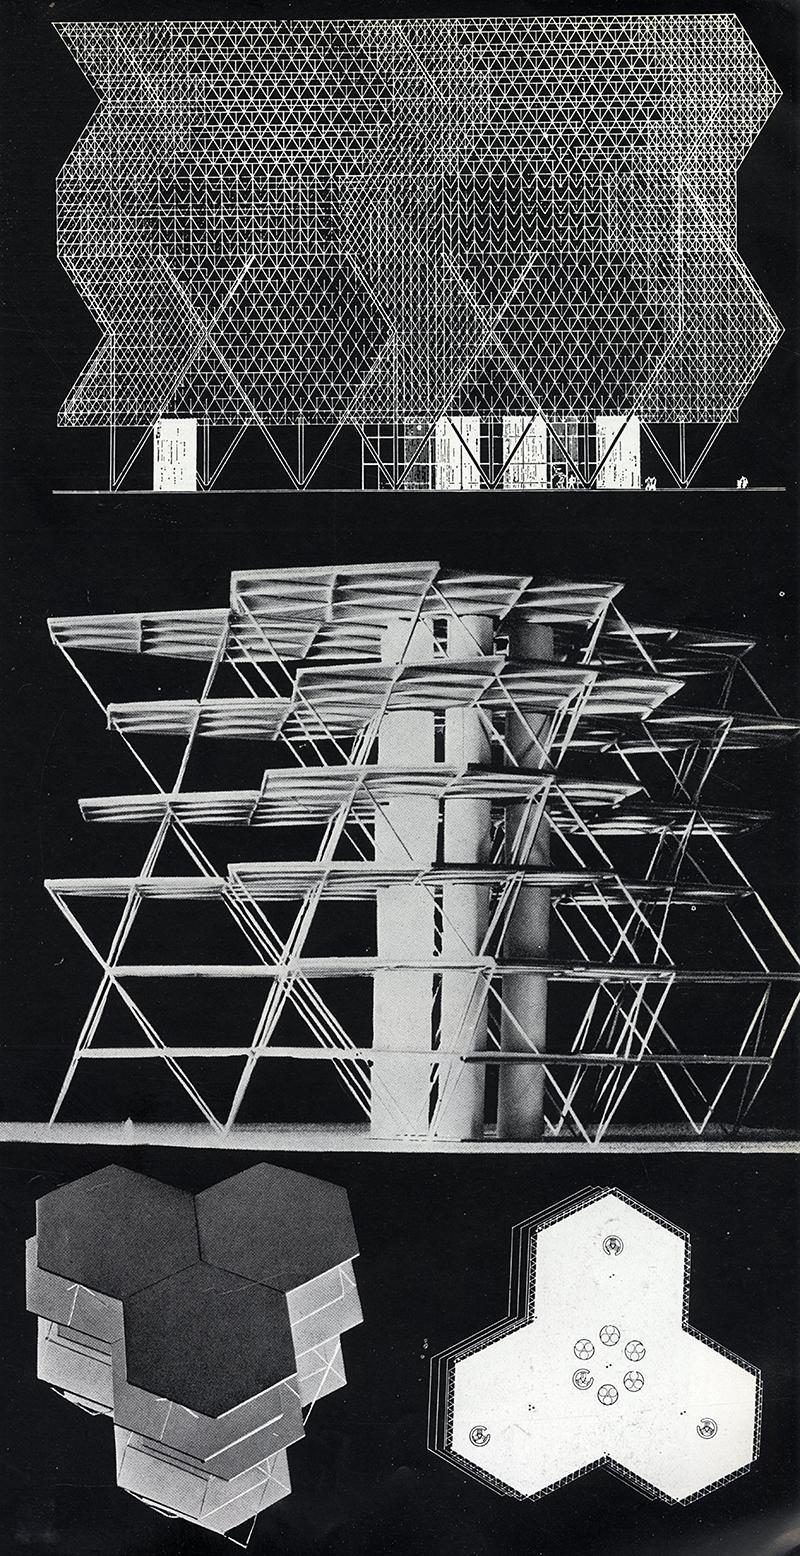 Louis Kahn. Architecture D'Aujourd'Hui v. 25 no. 55 Jul 1954, 11